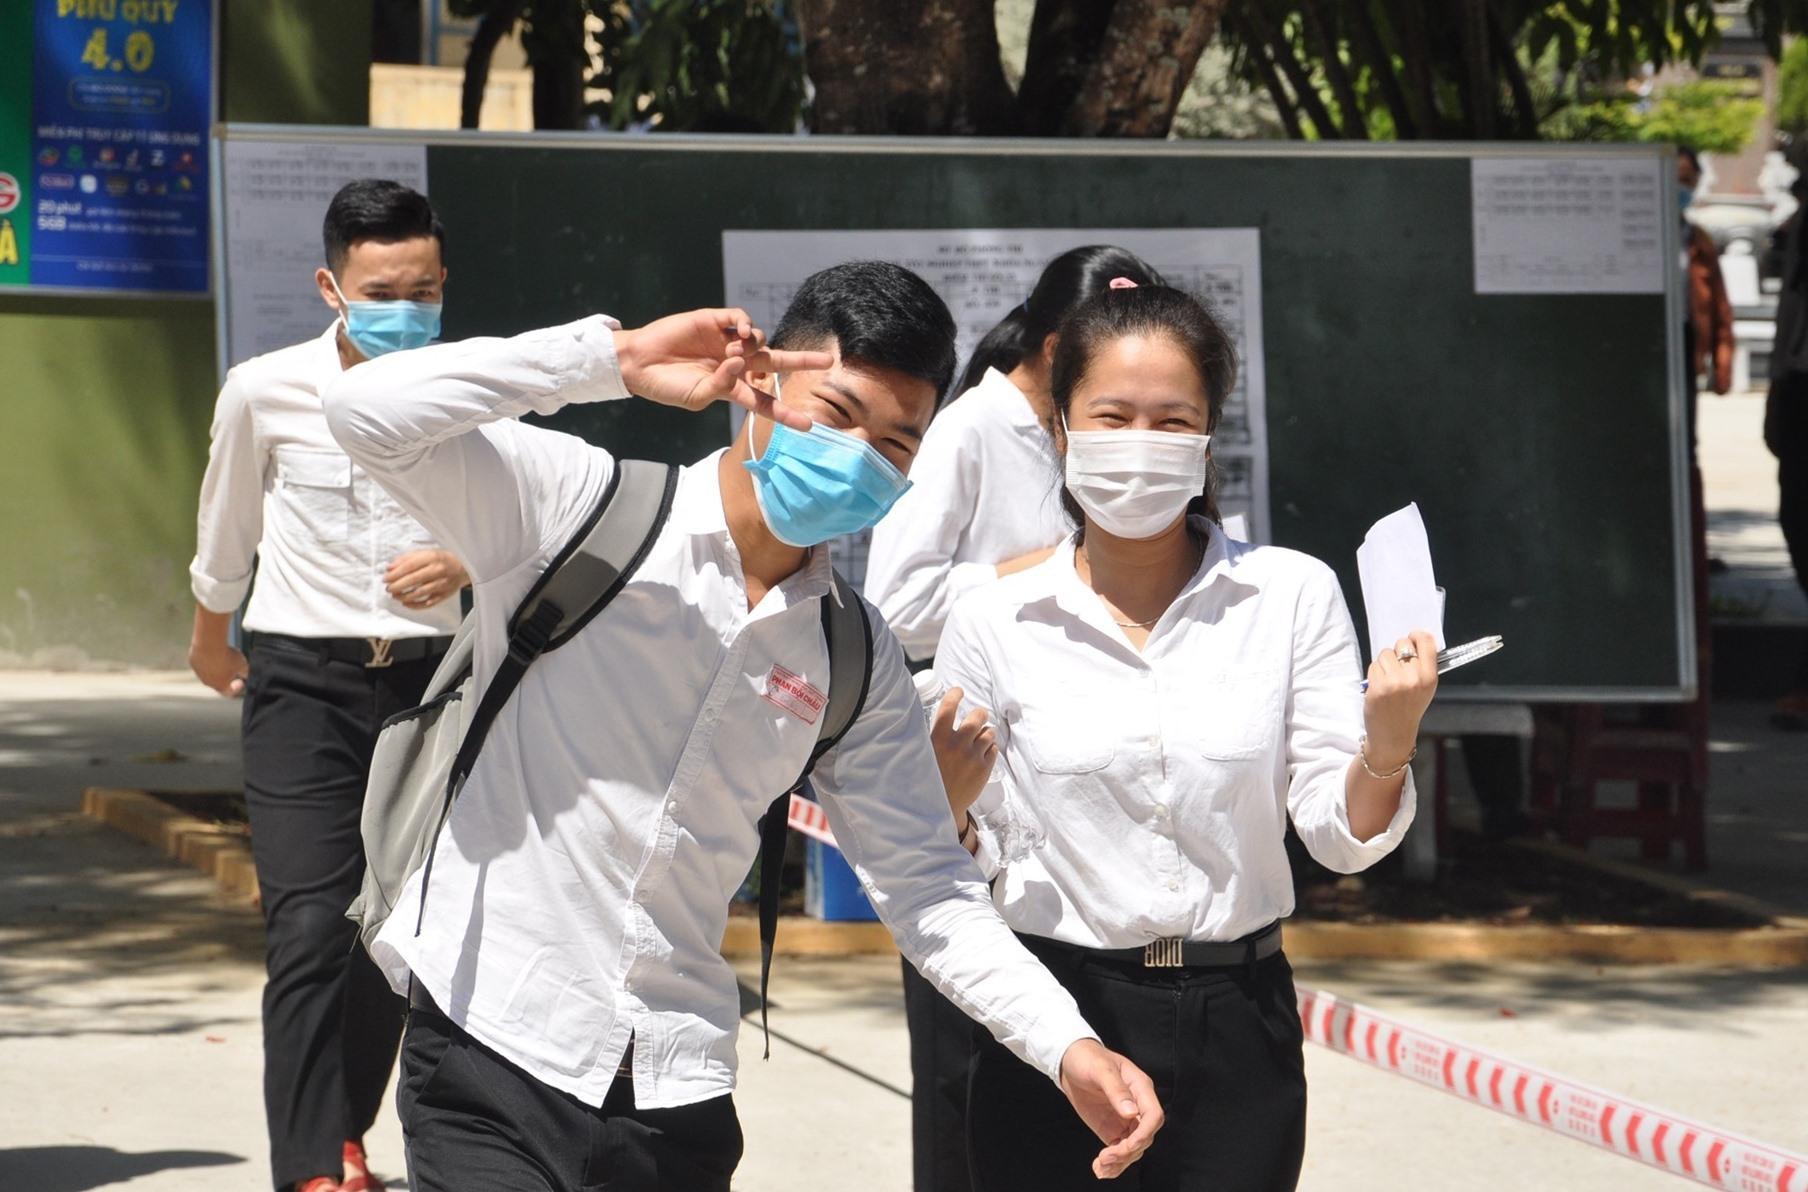 Thí sinh ở Quảng Nam tham dự kỳ thi THPT năm 2020 đợt 1. Ảnh: X.P